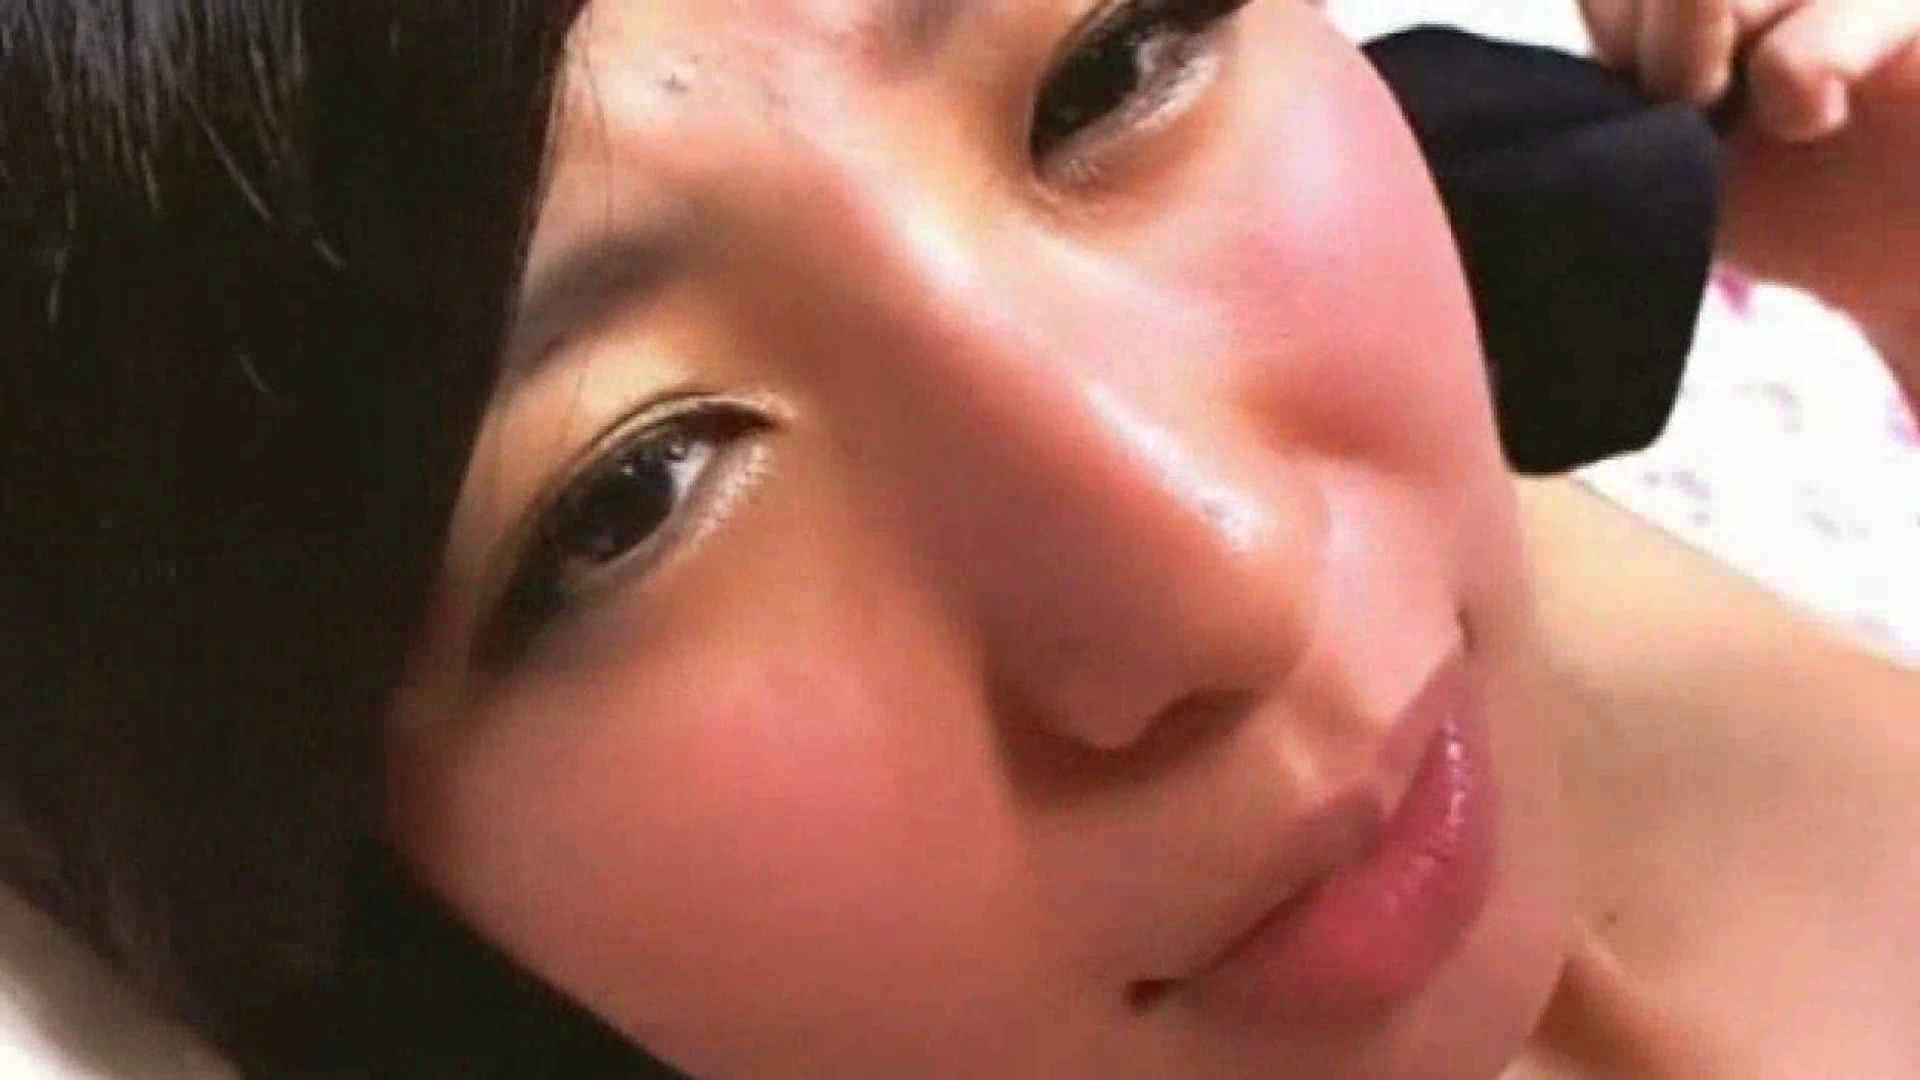 ギャルとハメハメ生チャット!Vol.08後編 SEX われめAV動画紹介 89画像 74